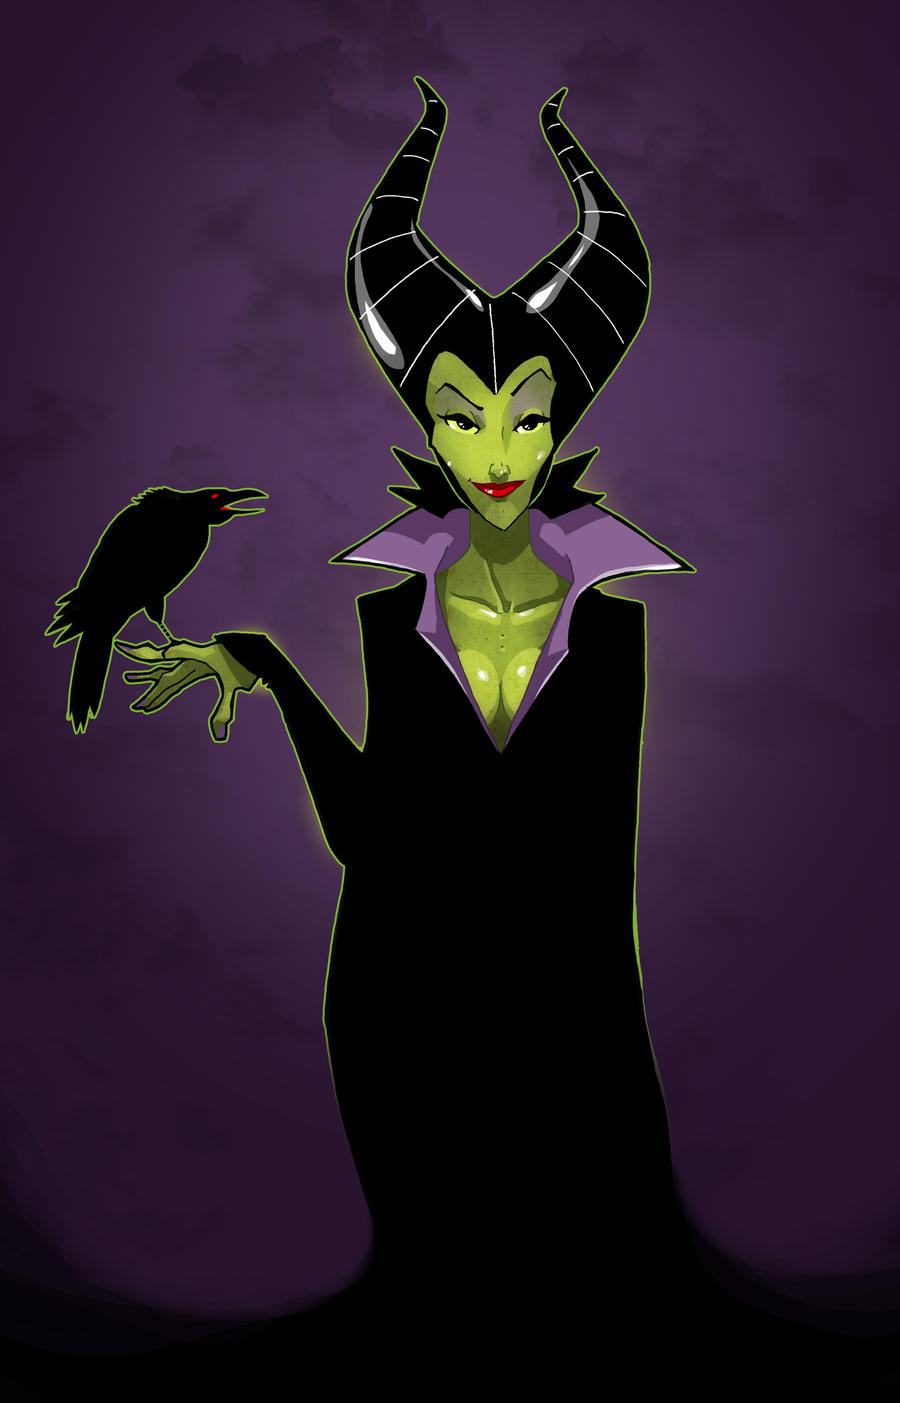 Maleficent by paulorocker